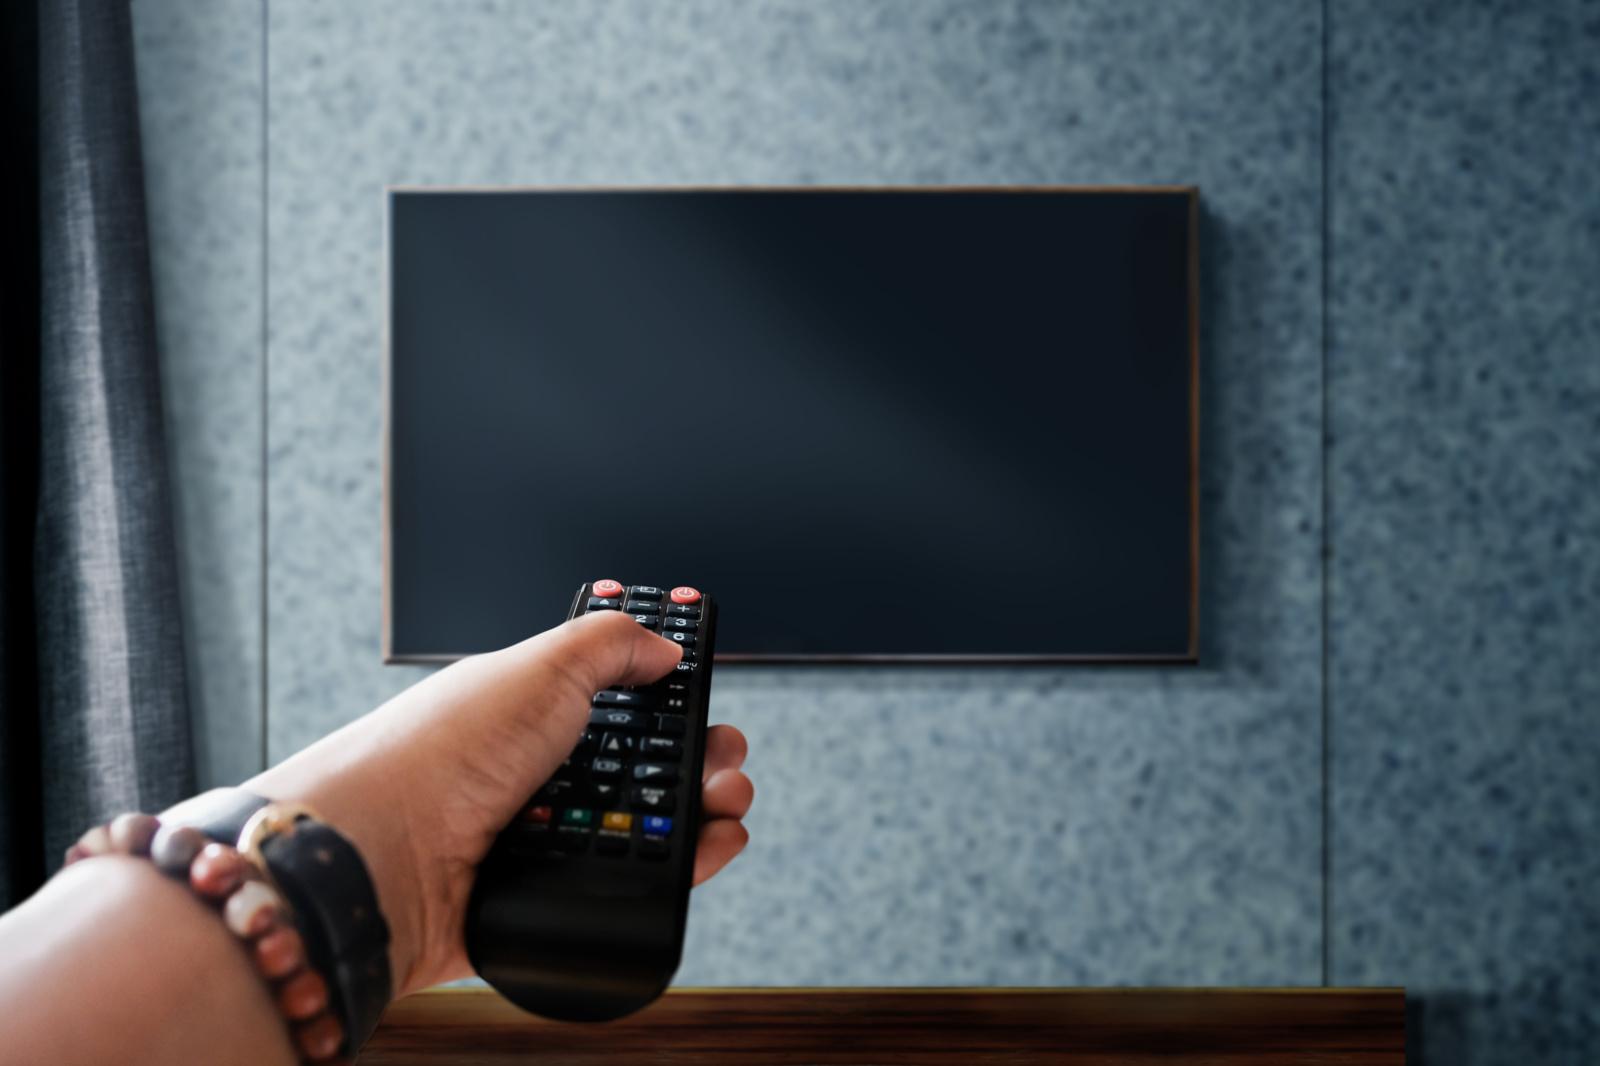 Į kokius klausimus reikia atsakyti prieš perkant televizorių?